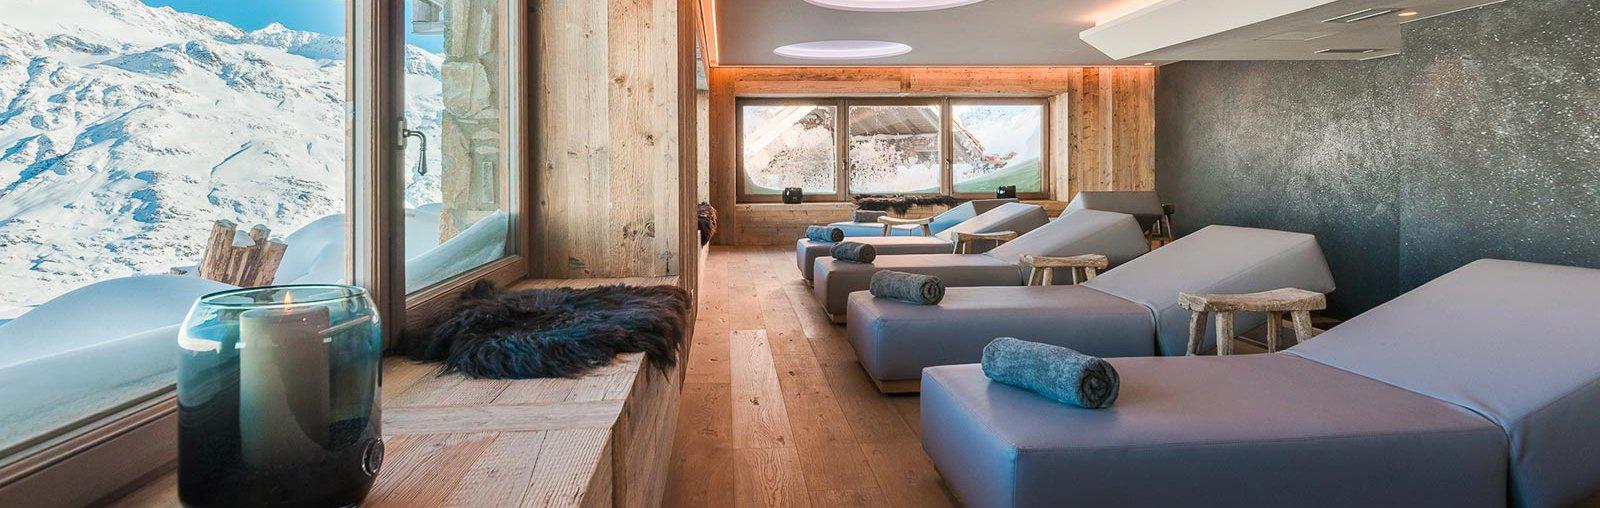 Awesome Regalbox Soggiorno Di Charme Gallery - Design and Ideas ...